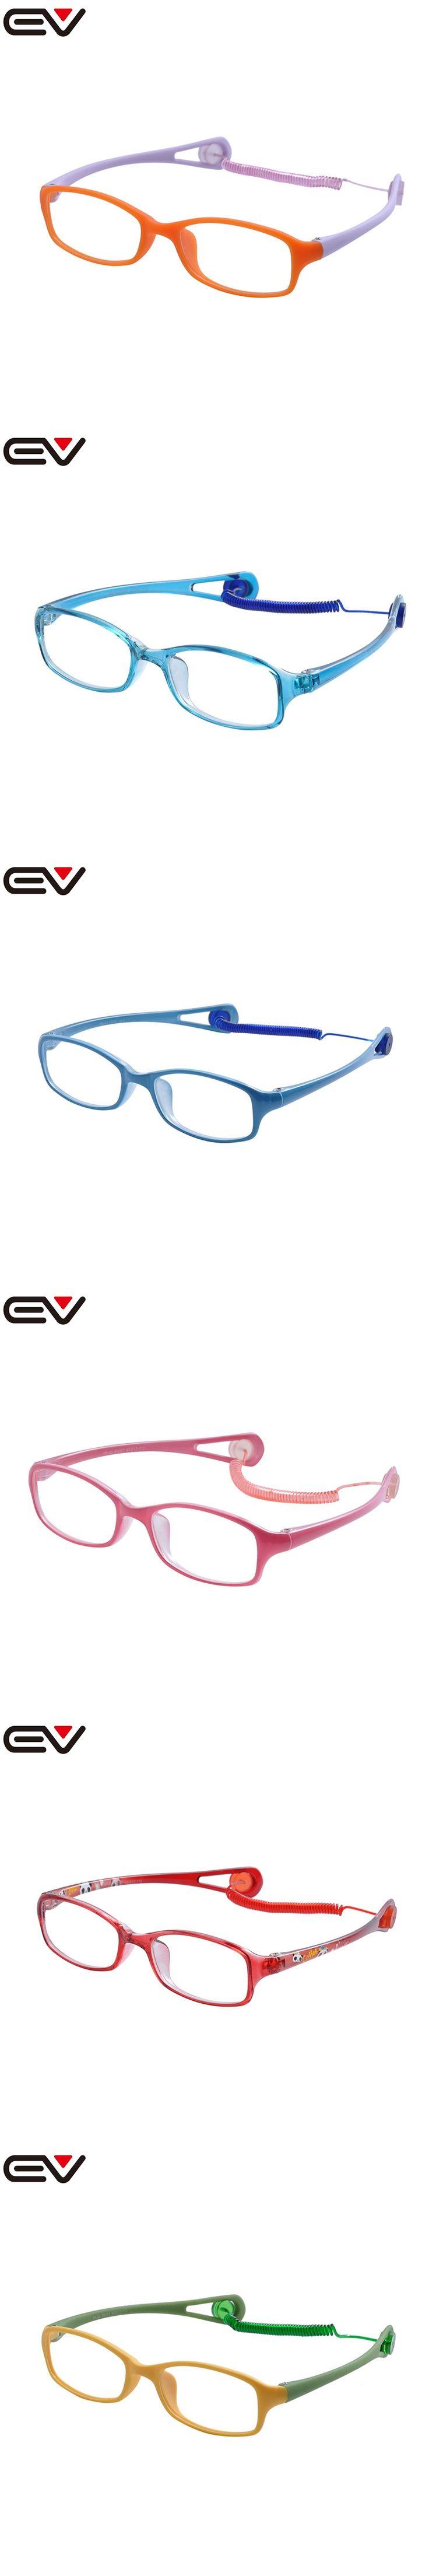 Kids glasses frame eye glasses frames for children optical glasses frame clear glasses lentes opticos EV1124